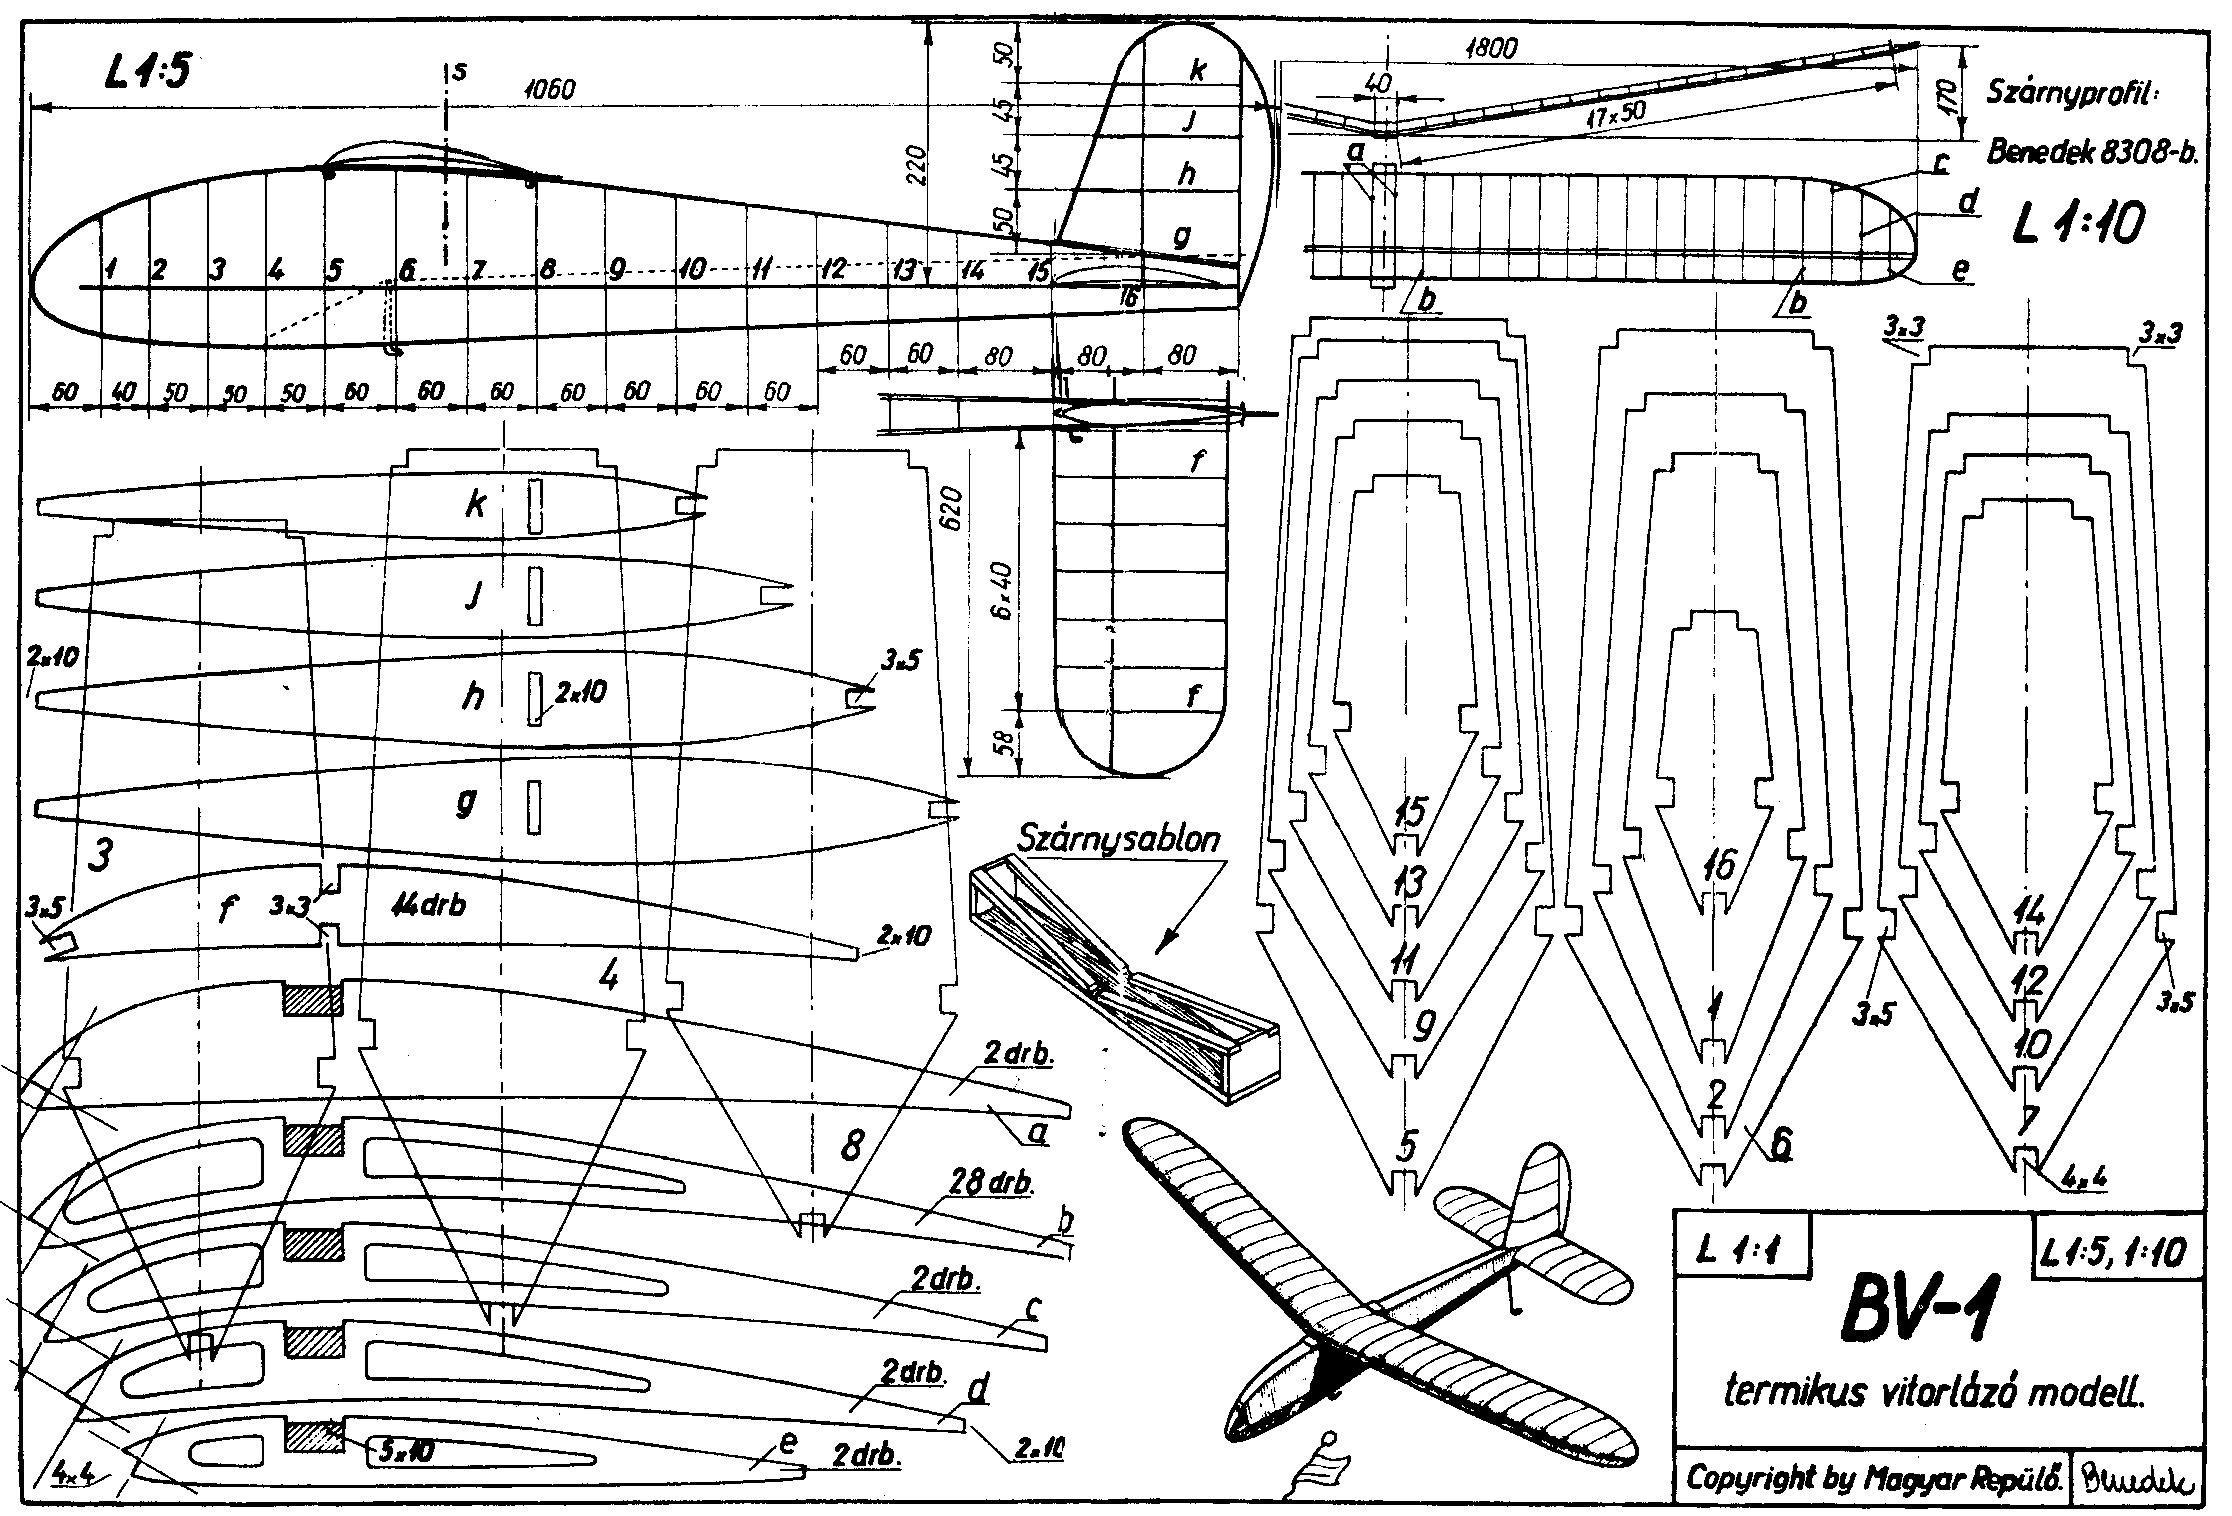 BV-1 termikus vitorláyó modell